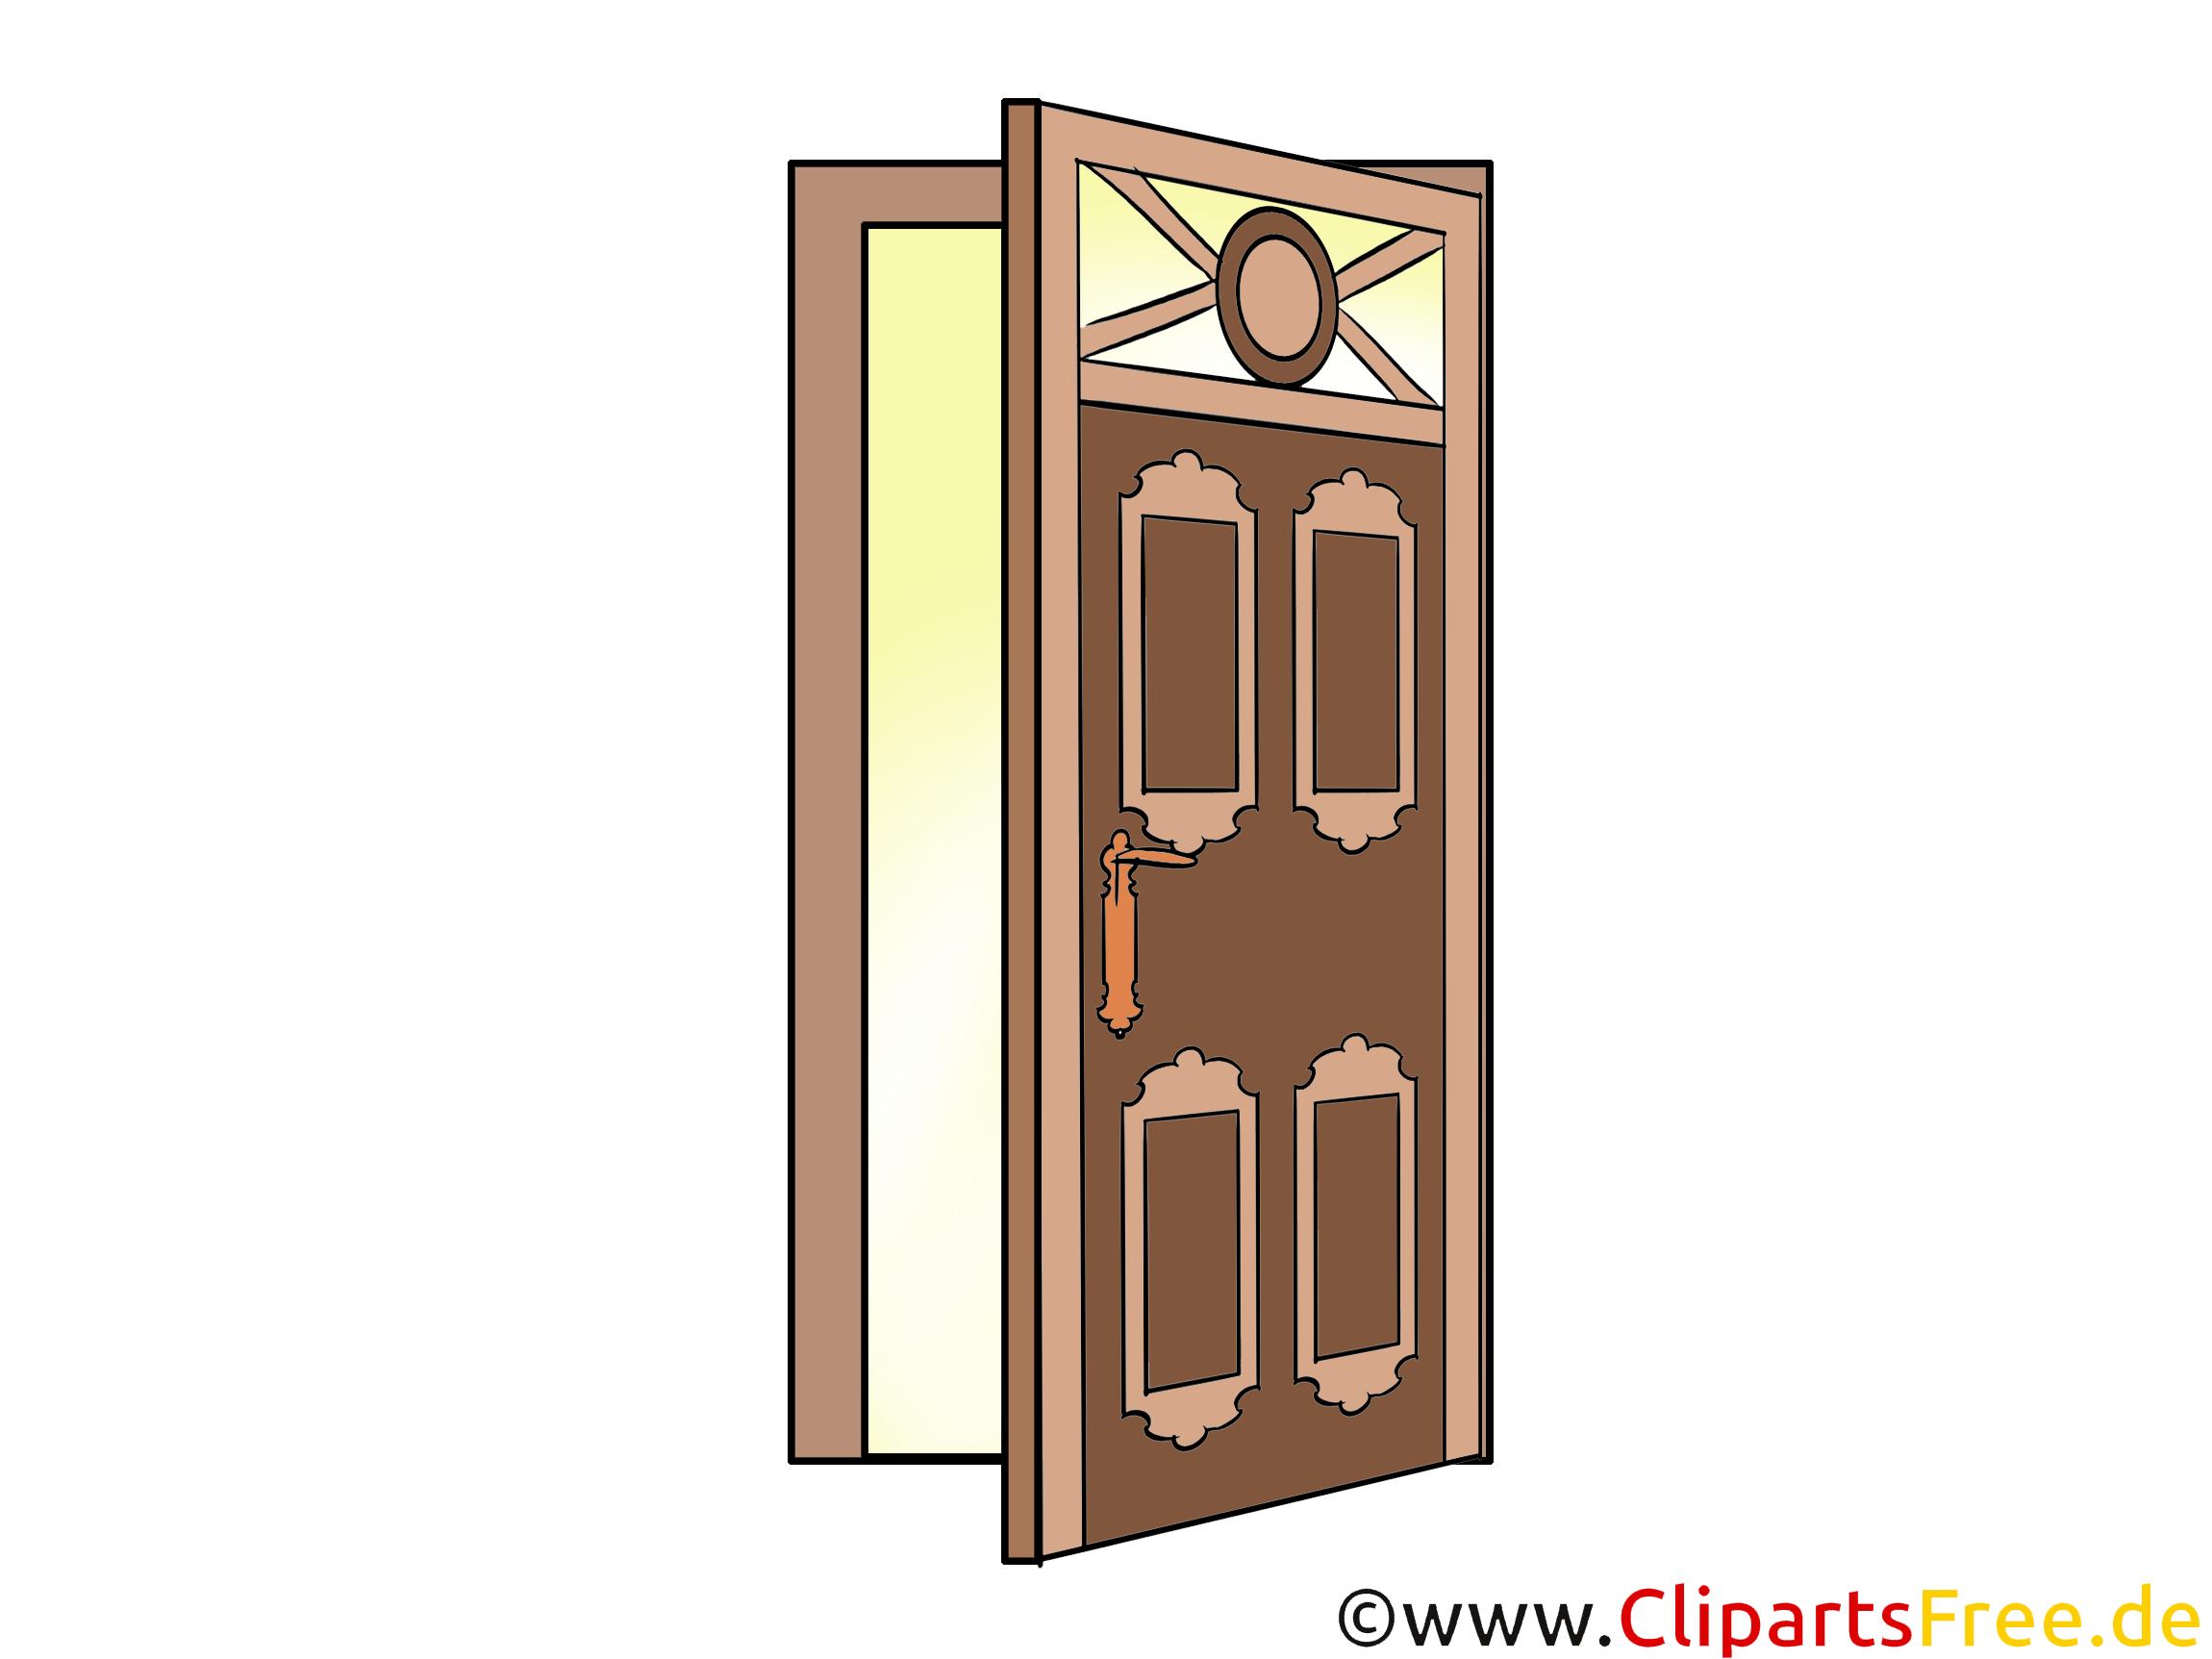 Schöne Tür Clipart, Bild, Illustration